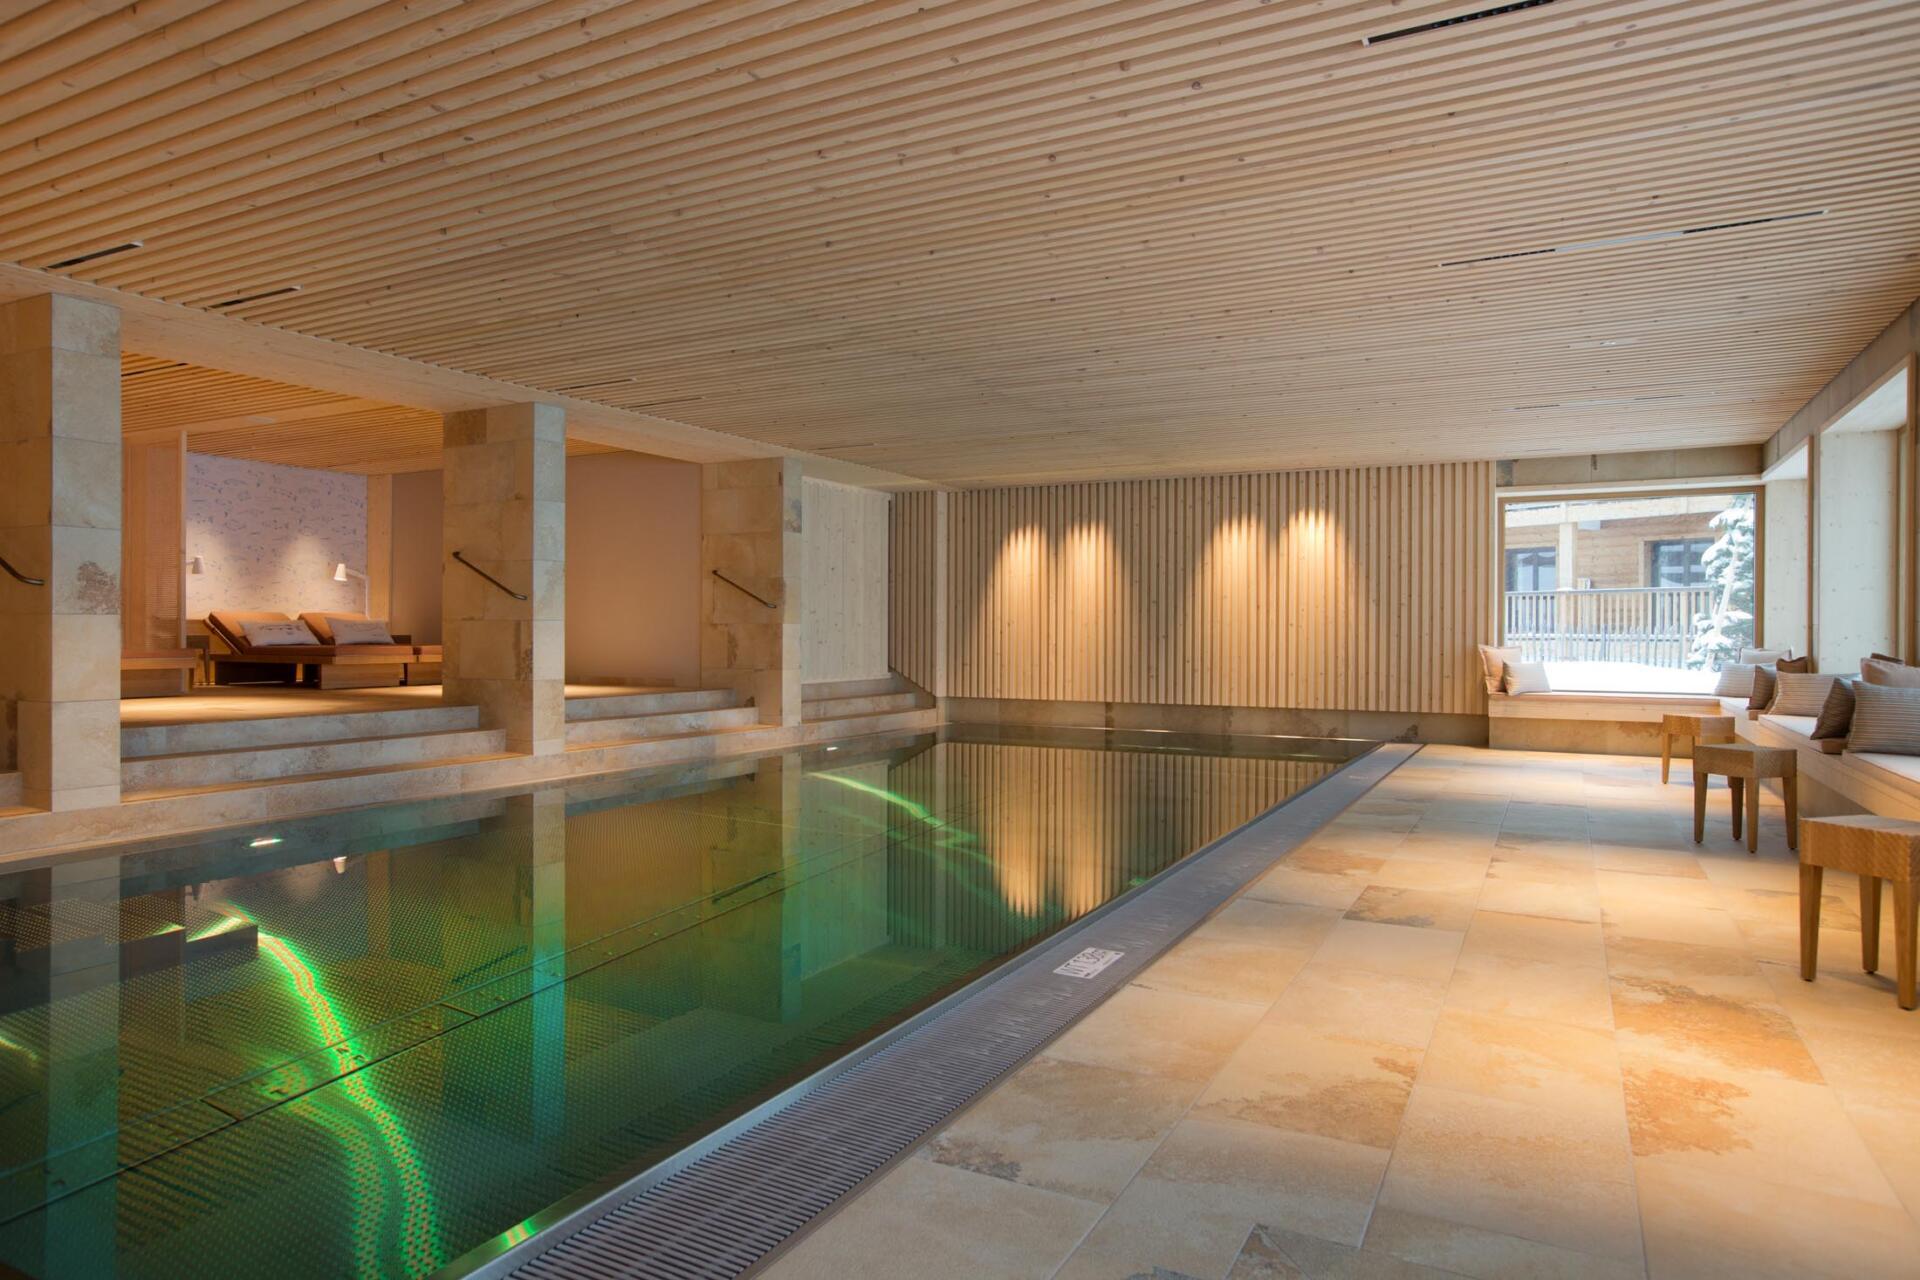 Hotel Sonnenburg - Schwimmbadbau - SST Saurwein Schwimmbad Technik